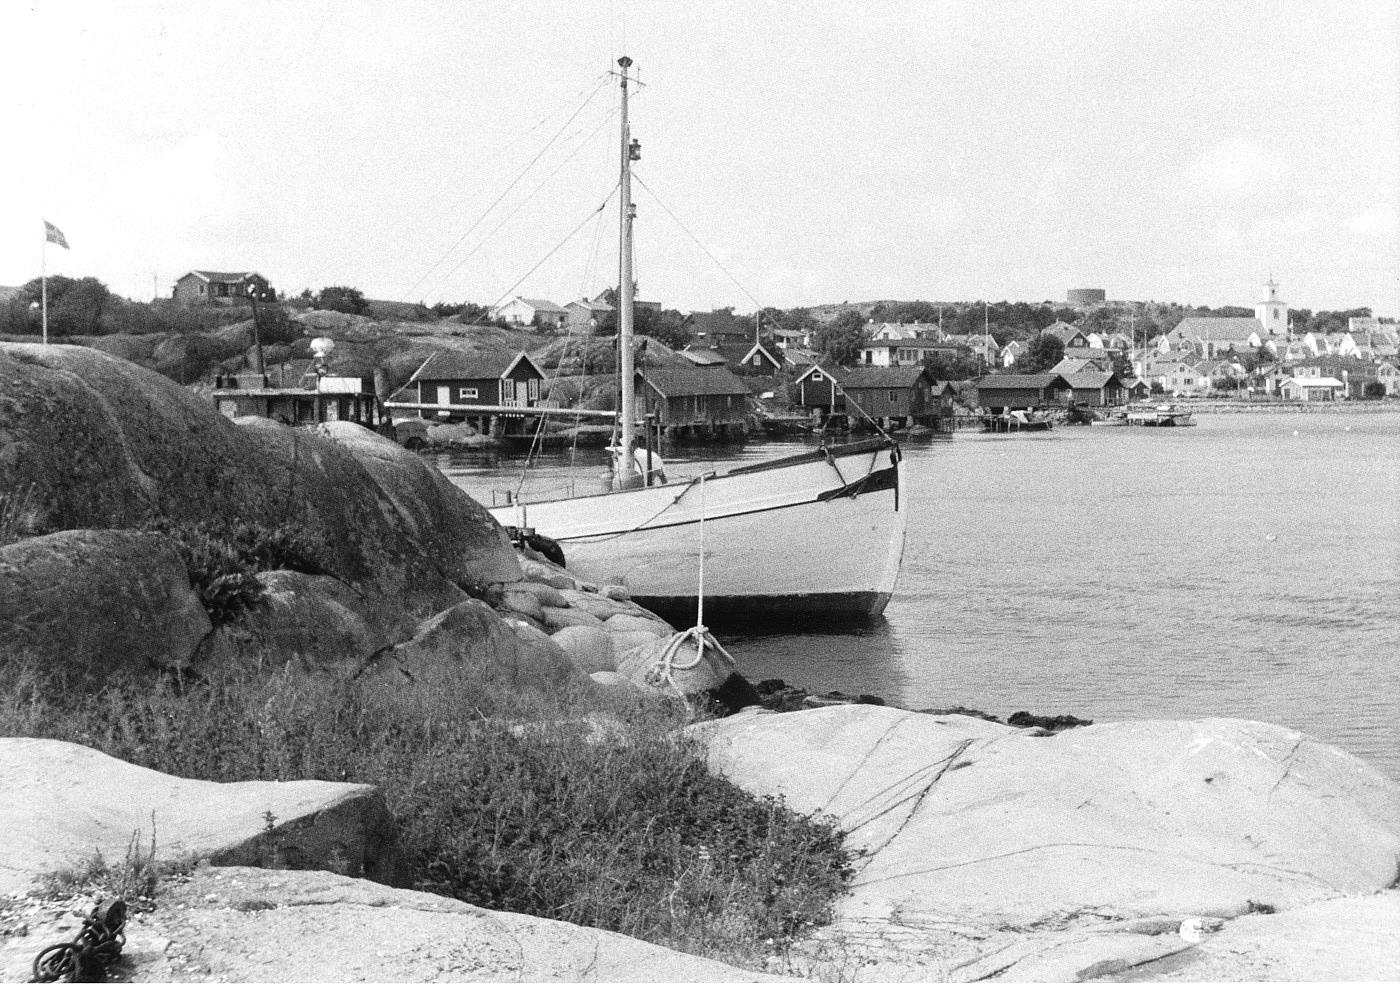 Foto Claes Funck 1964. Fiskebåt från Russvik med kyrkan i bakgrunden.